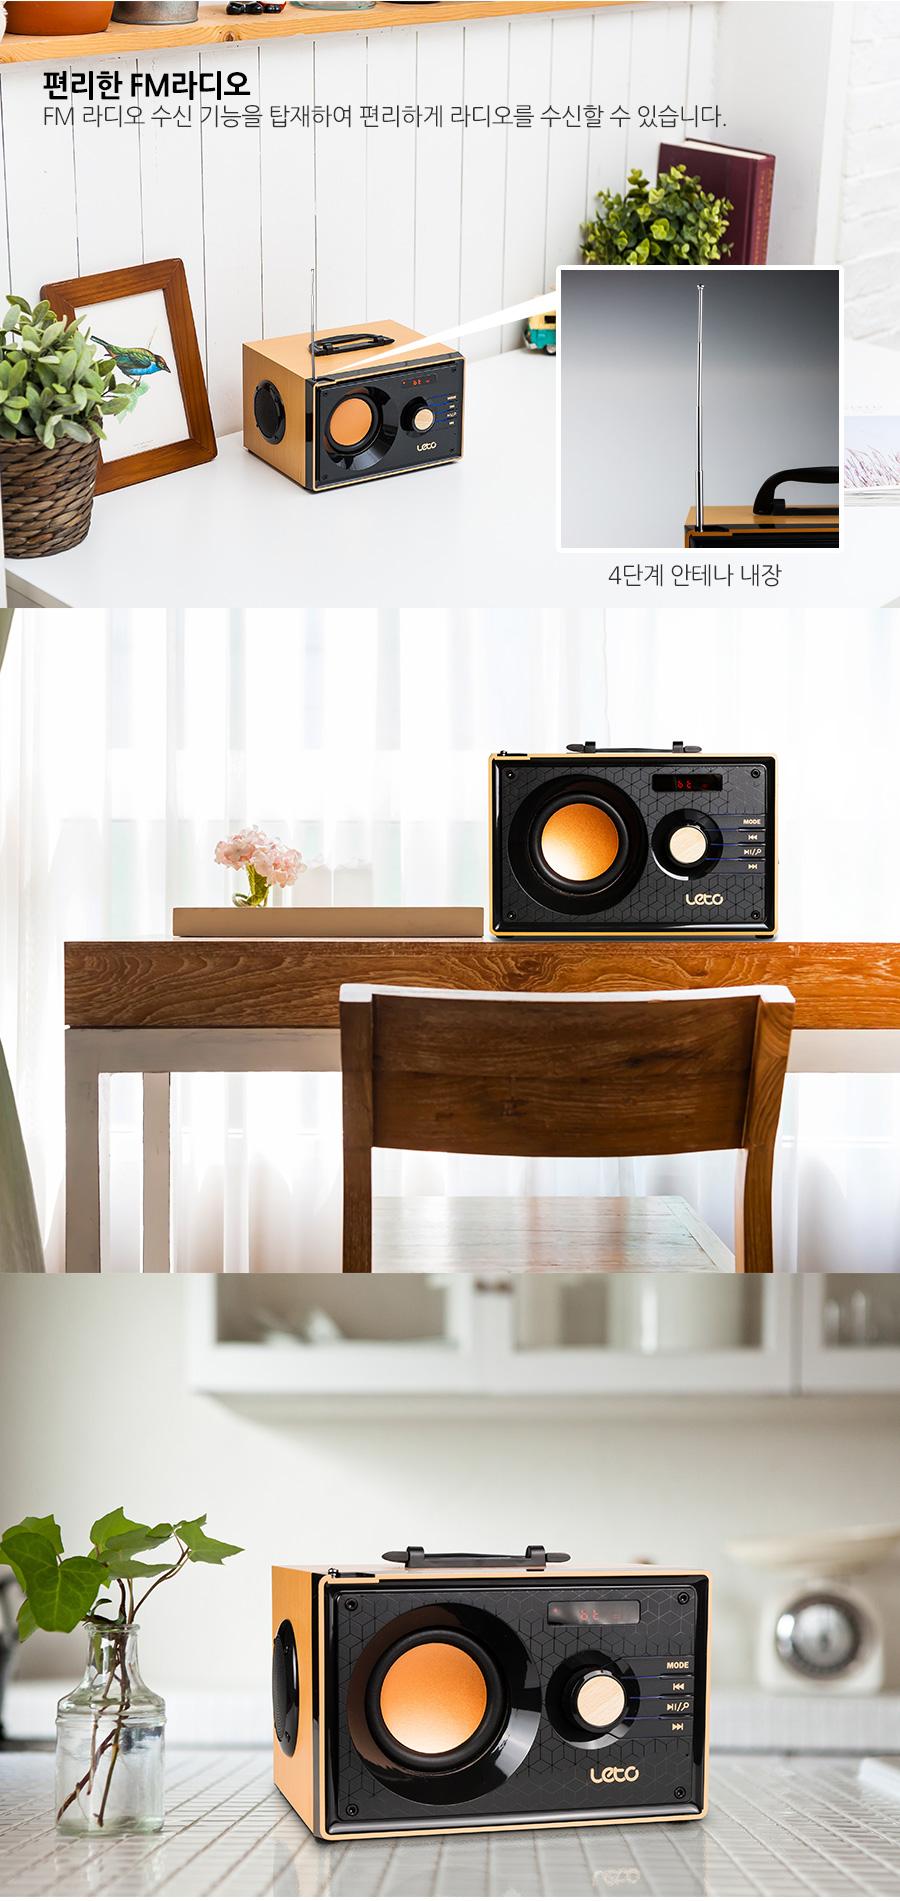 레트로 무선 블루투스스피커 LBT-W04S 우퍼 FM라디오 - 레토, 41,900원, 스피커, 무드등/블루투스 스피커